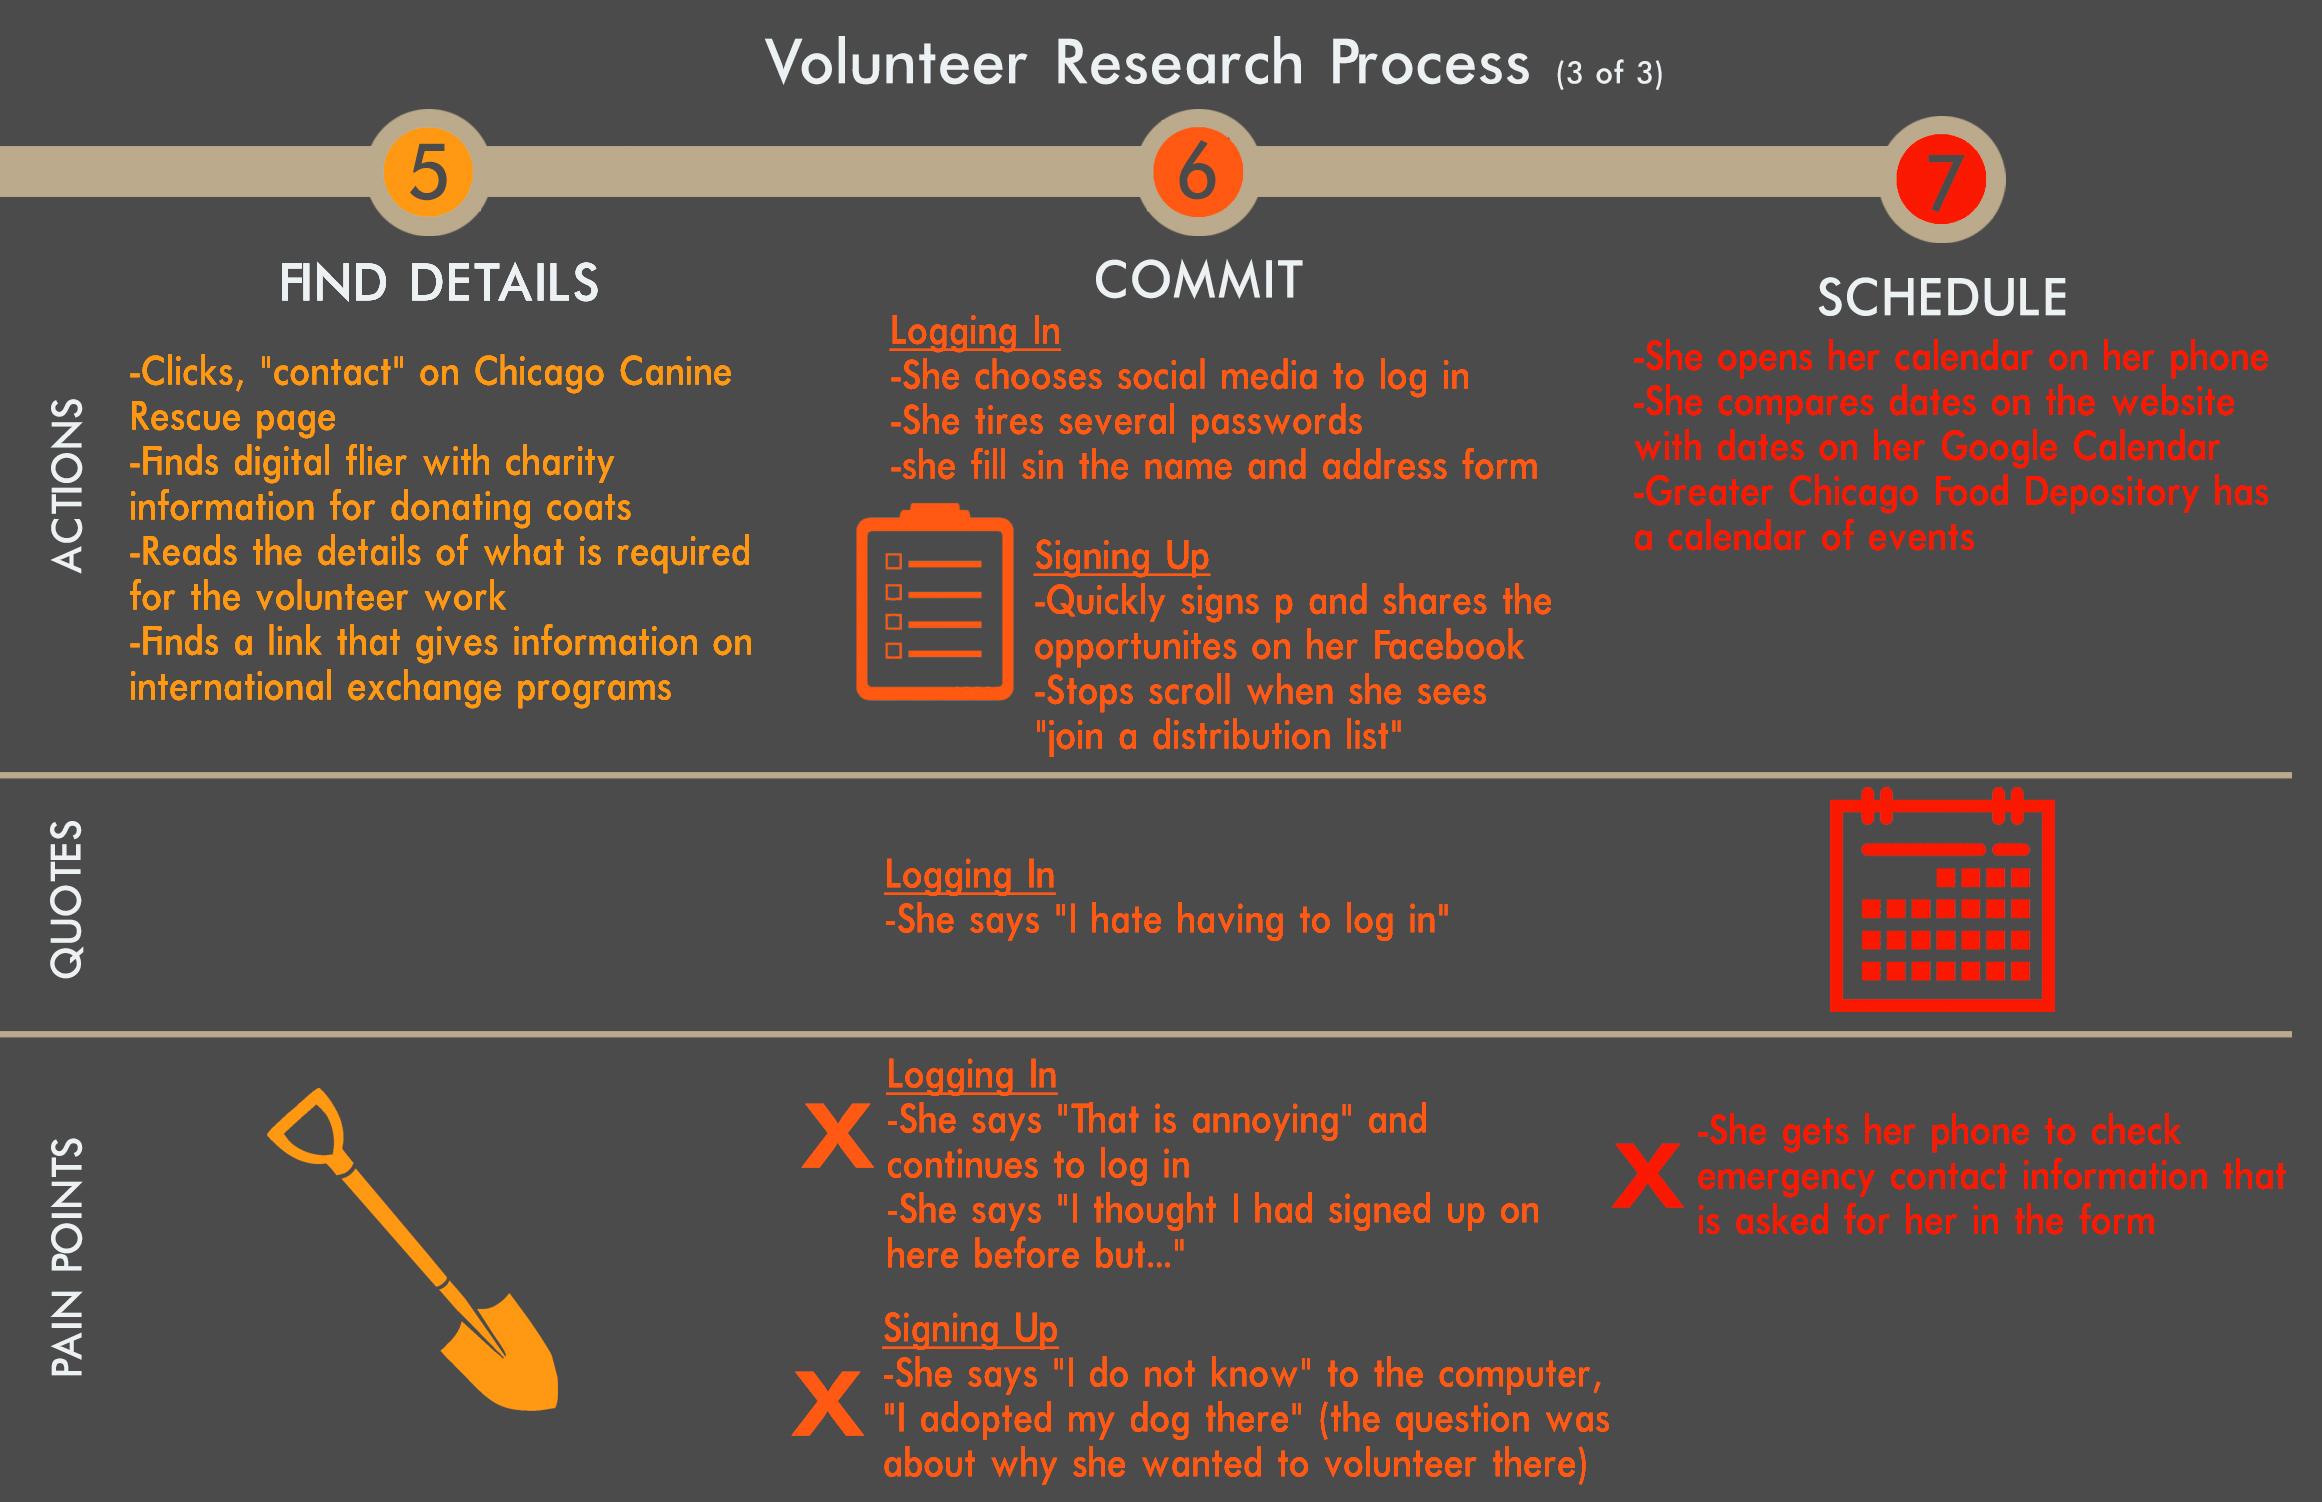 VolunteerObservationProcess3.jpg